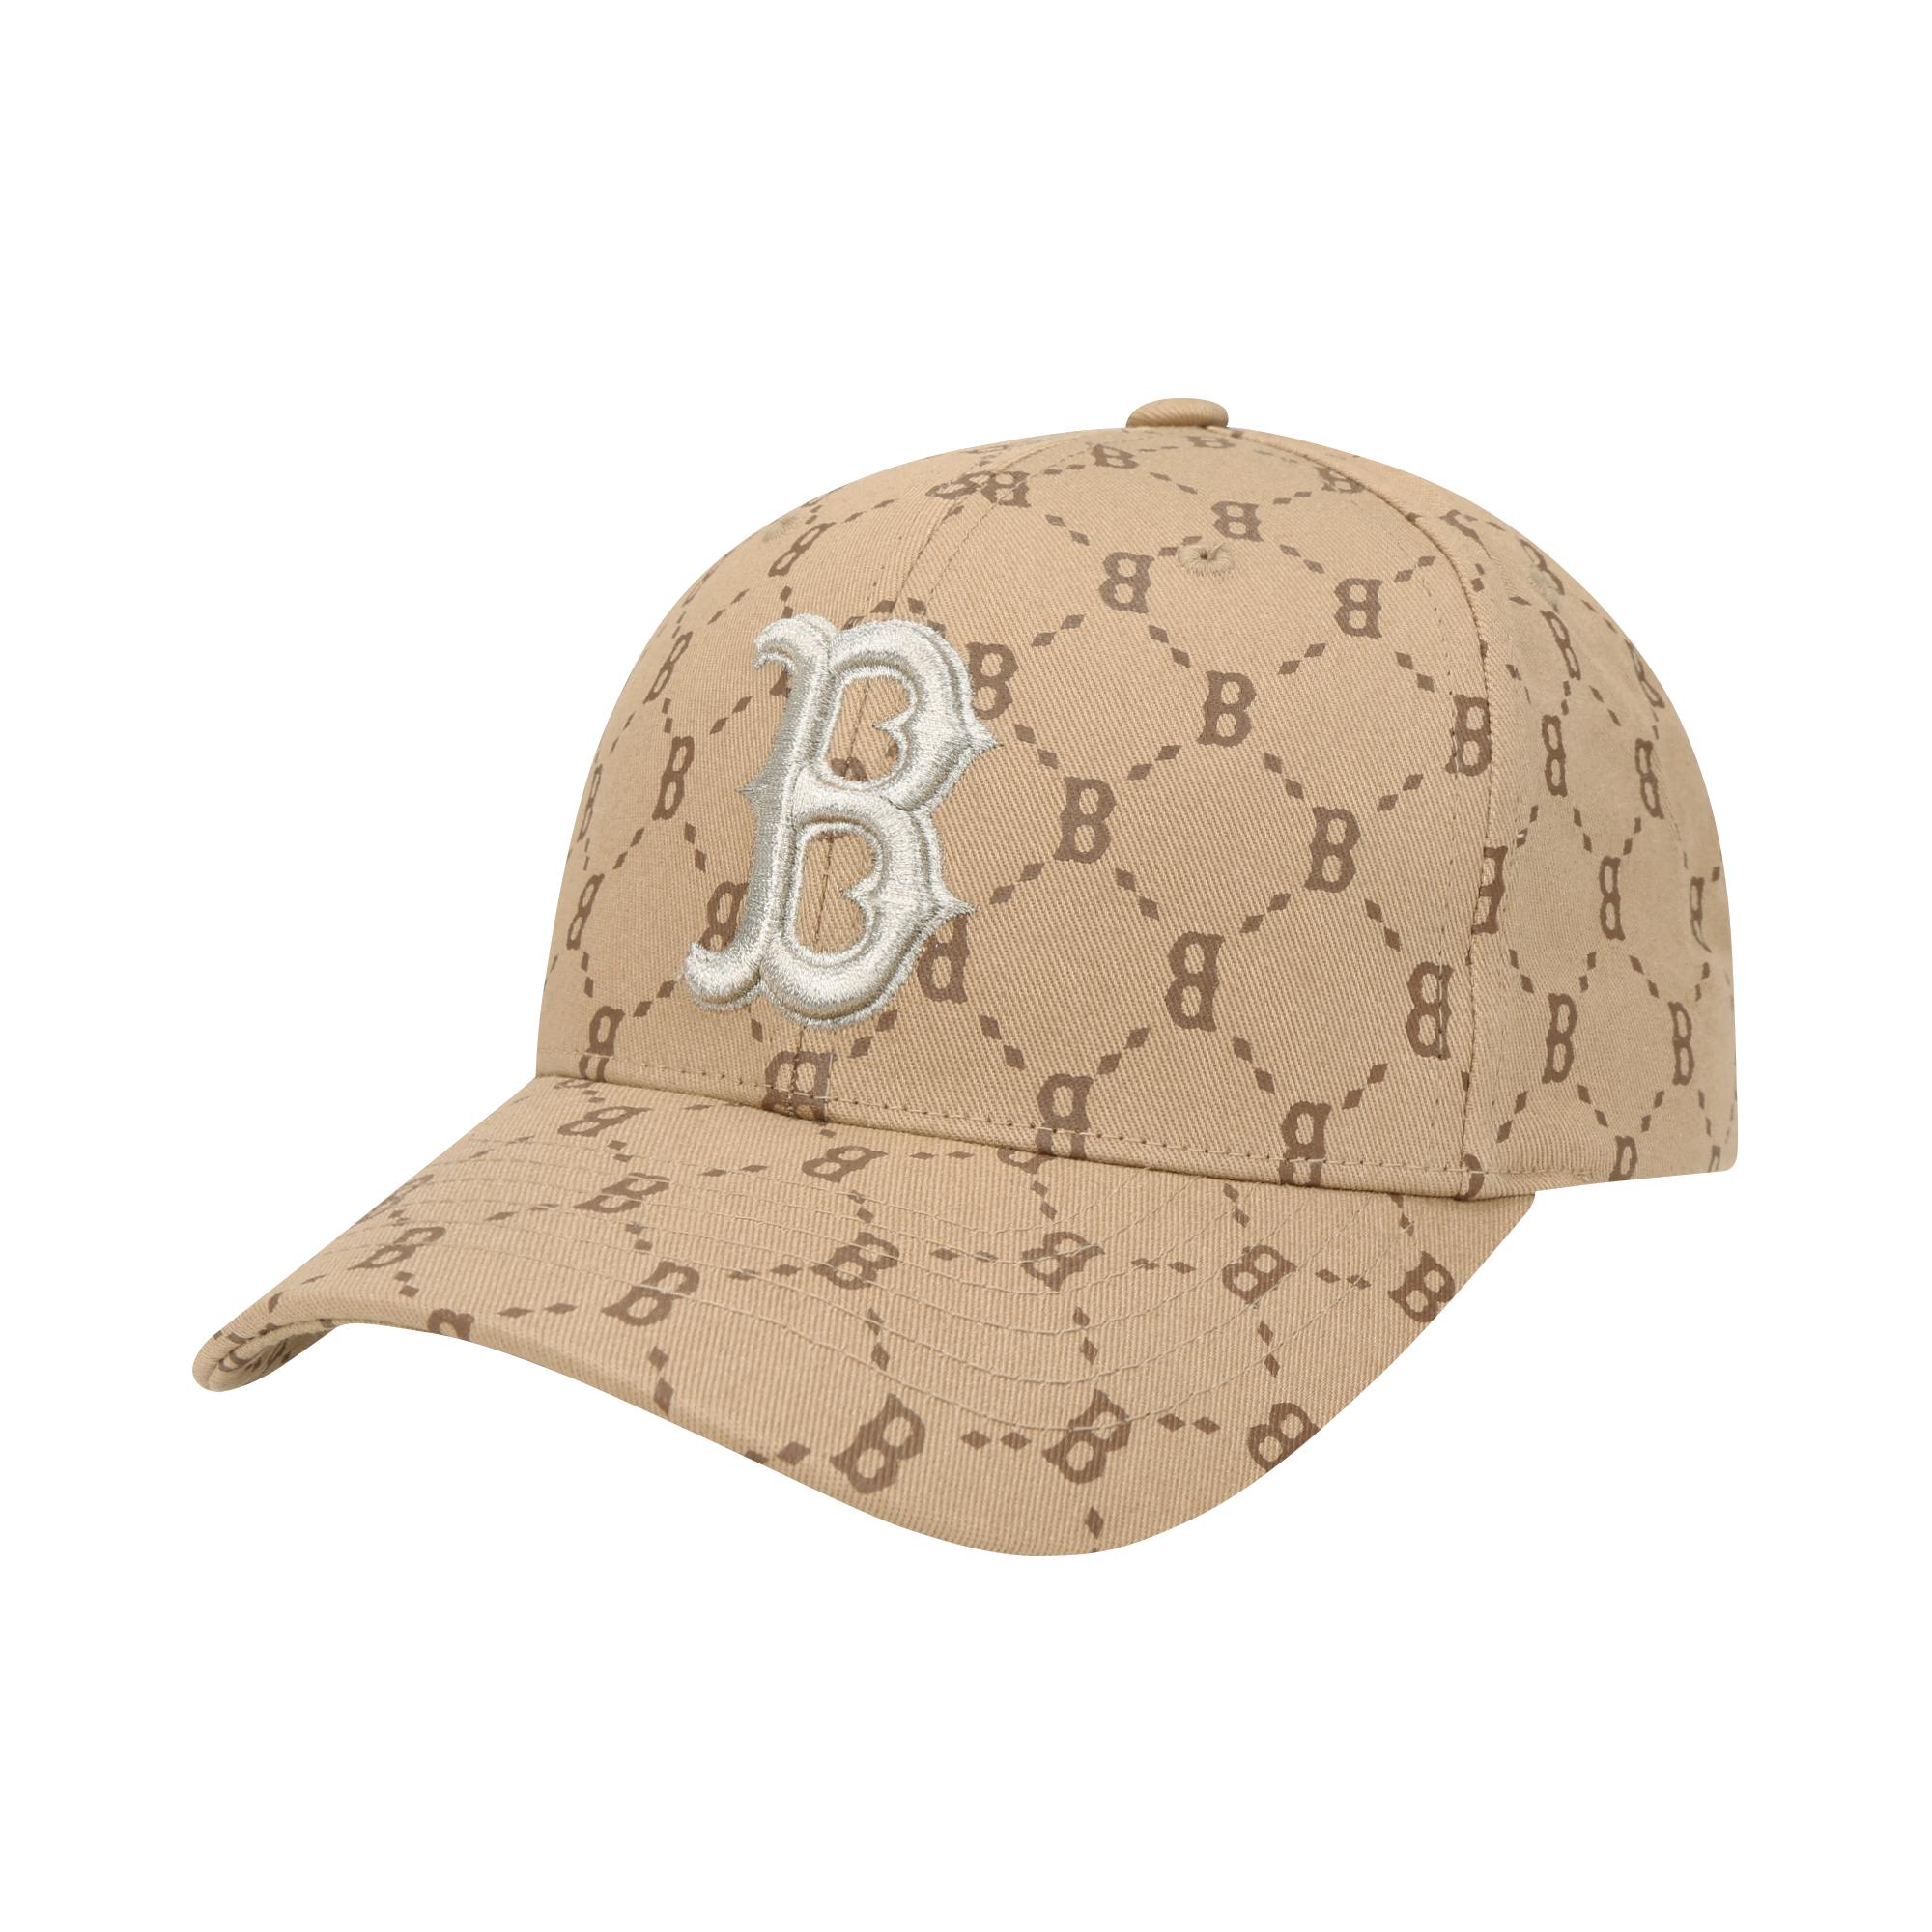 다이아 모노그램 커브조절캡 보스턴 레드삭스